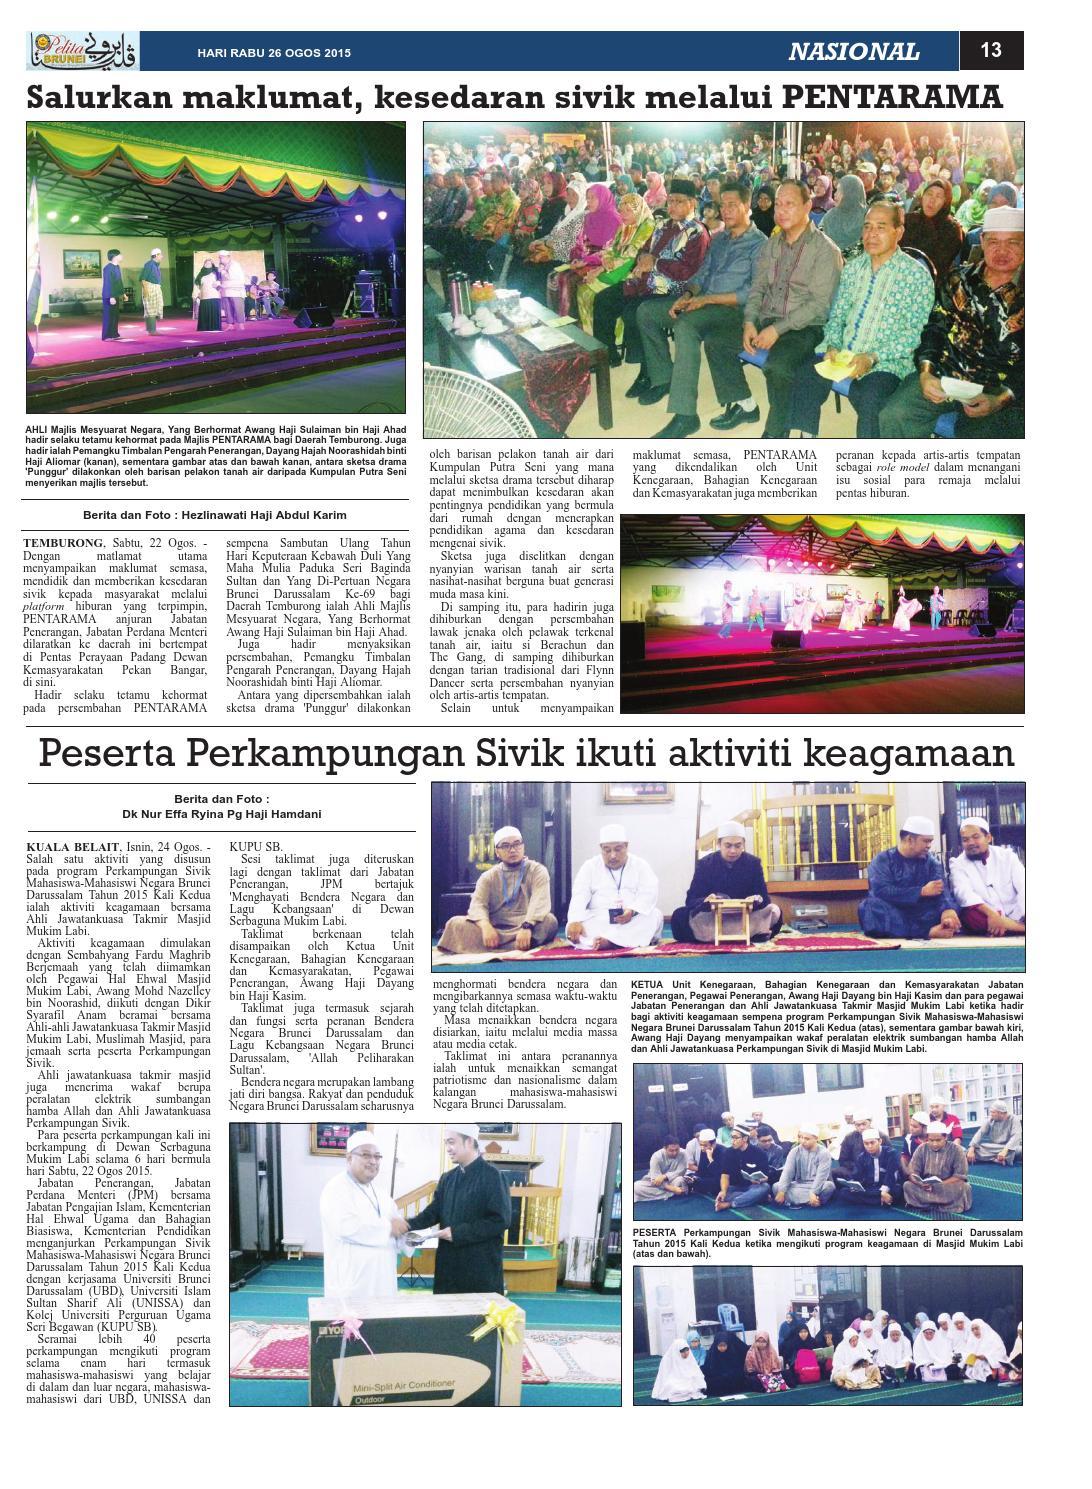 Pelita Brunei Rabu 26 Ogos 2015 By Putera Katak Brunei Issuu